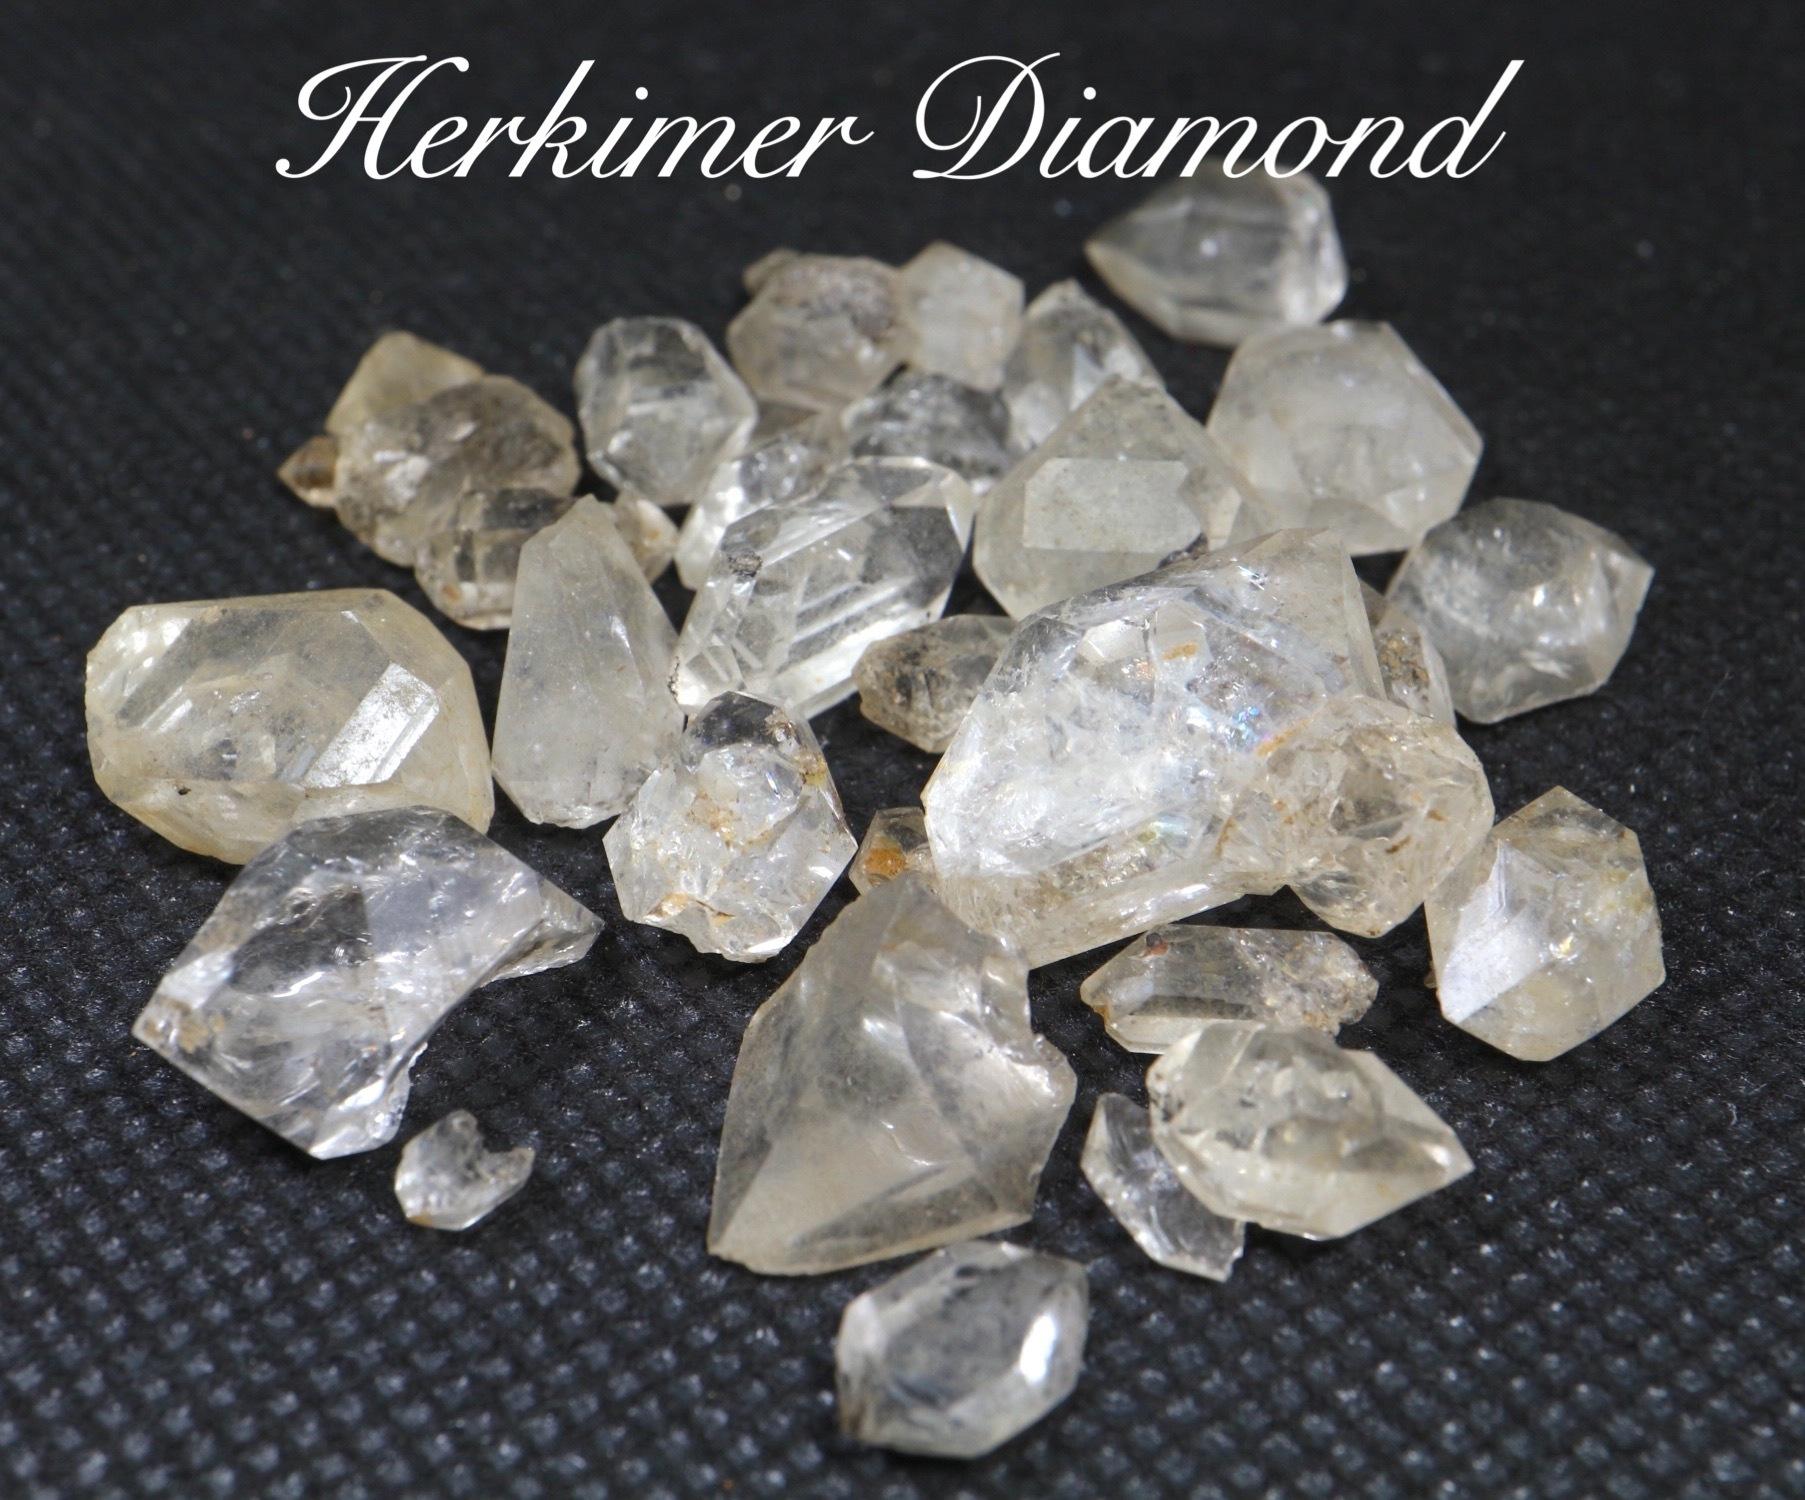 ハーキマーダイヤモンド 水晶 ニューヨーク州産 19,7g HKD002 原石 天然石 鉱物 パワーストーン